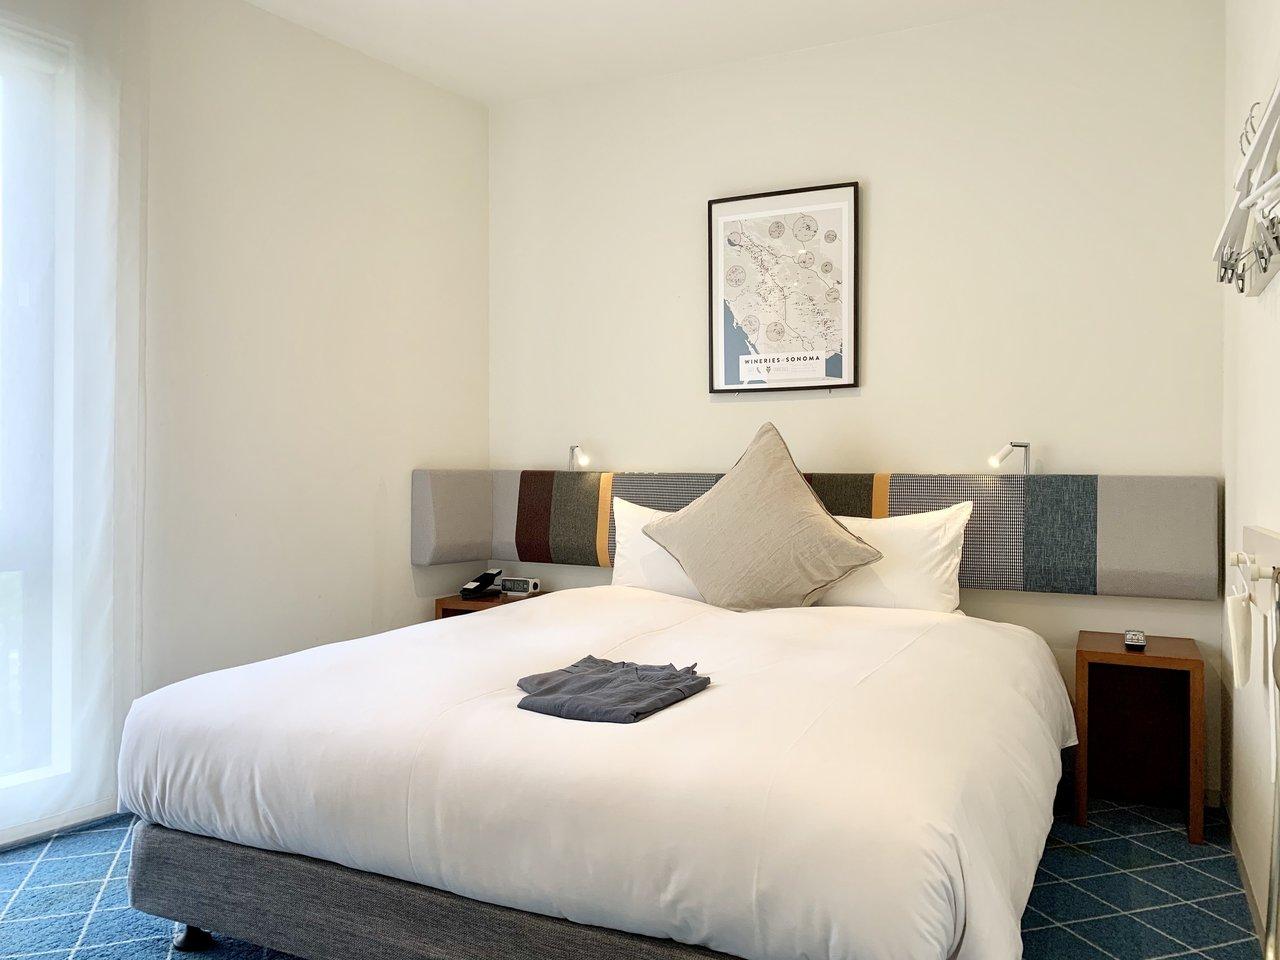 「ホテル暮らし」の必需品ってなに?あれば便利なアイテム、教えてください